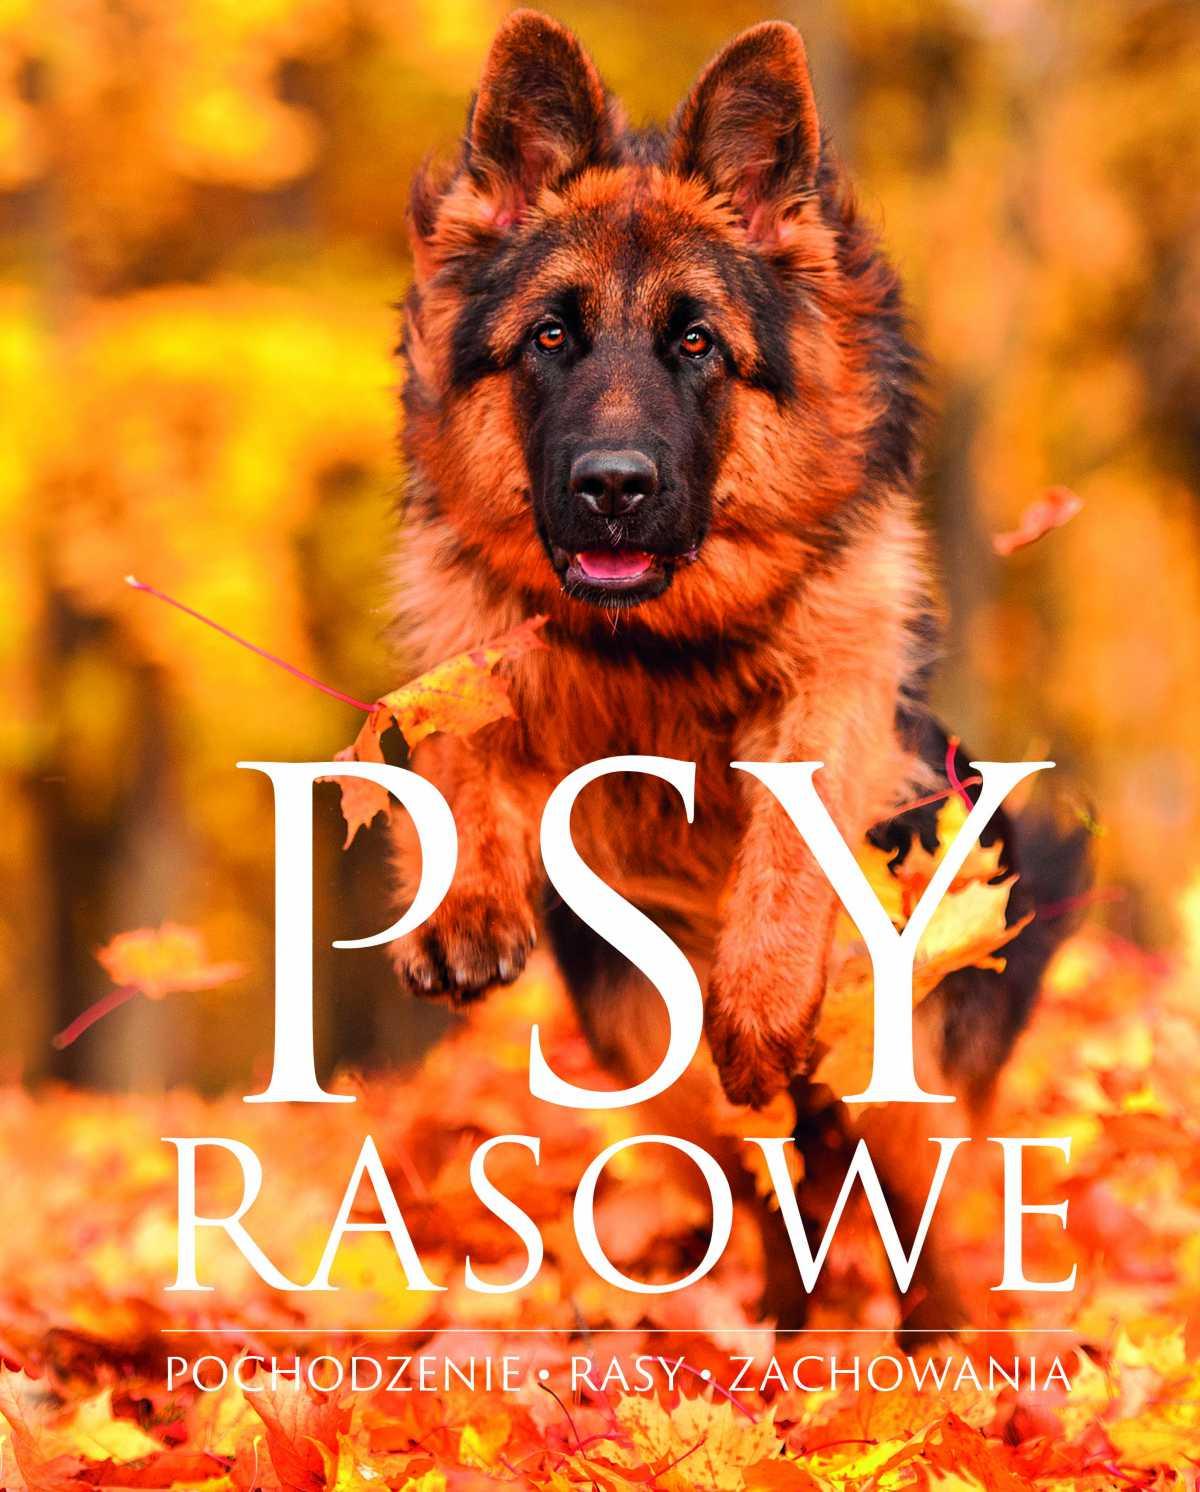 Psy rasowe. Pochodzenie Rasy Zachowania - Ebook (Książka PDF) do pobrania w formacie PDF